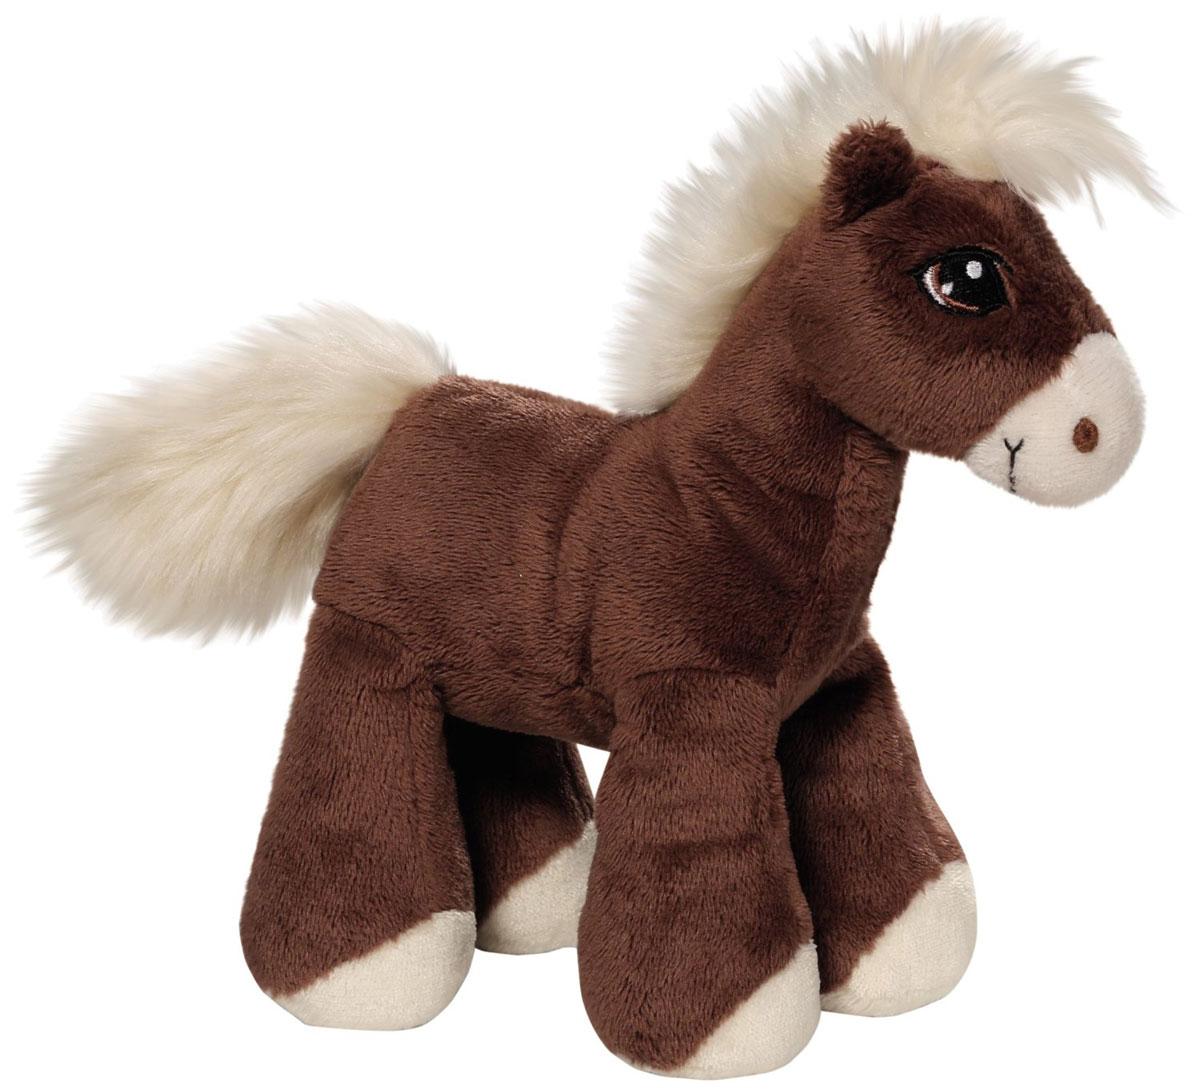 Nici Мягкая игрушка Лошадка Вельвет цвет коричневый 16 см37846Очаровательная мягкая игрушка Nici Лошадка Вельвет выполнена в виде симпатичной плюшевой лошадки. Игрушка изготовлена из высококачественного текстильного материала коричневого цвета. Игрушка невероятно мягкая и приятная на ощупь, вам не захочется выпускать ее из рук. Глазки лошадки вышиты, а хвостик и грива выполнены из искусственного меха. Удивительно мягкая игрушка принесет радость и подарит своему обладателю мгновения нежных объятий и приятных воспоминаний. Специальные гранулы, использующиеся при ее набивке, способствуют развитию мелкой моторики у малыша. Великолепное качество исполнения делают эту игрушку чудесным подарком к любому празднику. Трогательная и симпатичная, она непременно вызовет улыбку у детей и взрослых.